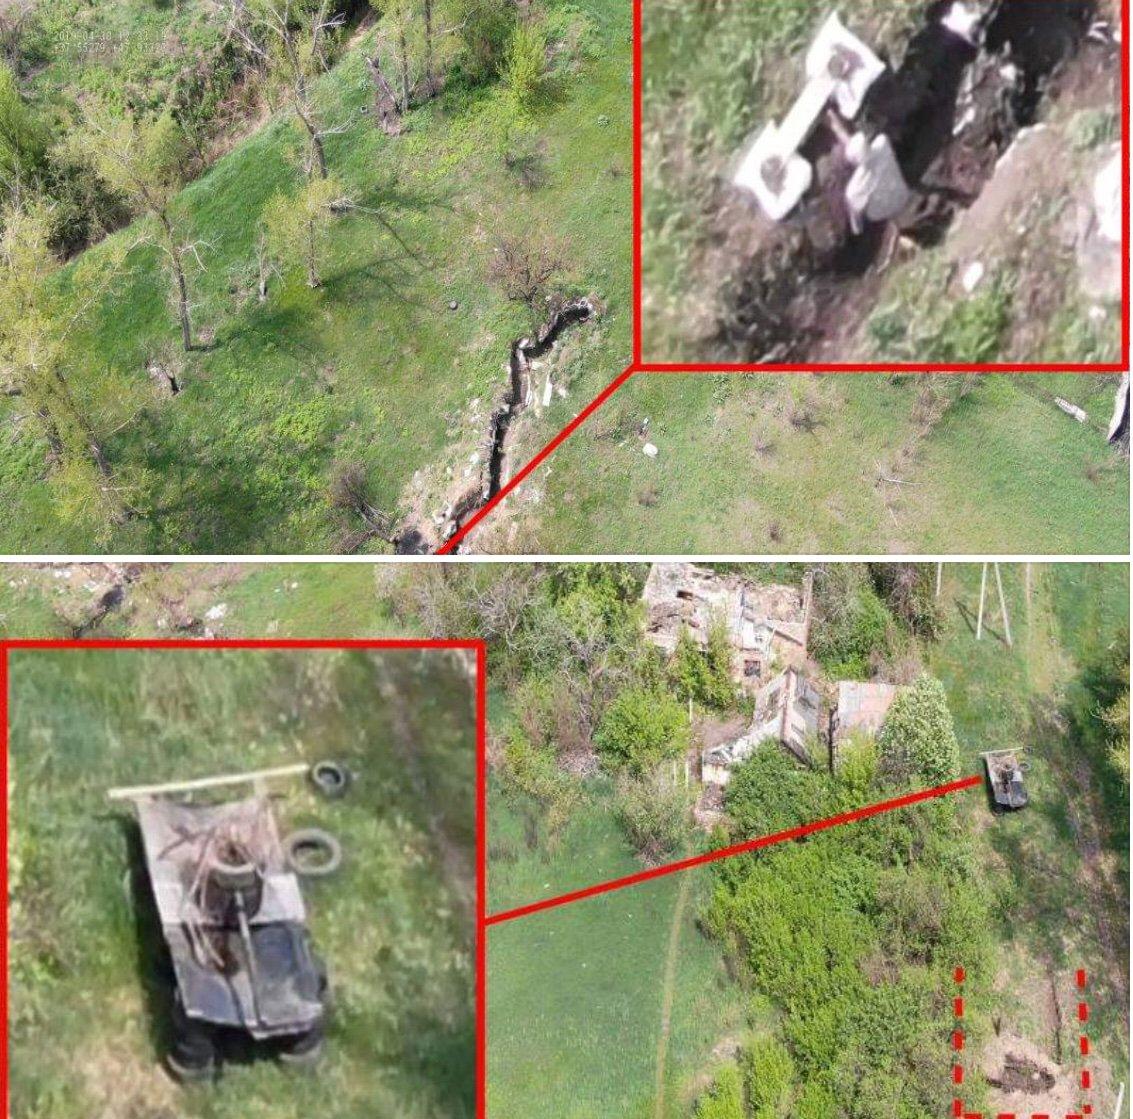 Военнослужащие в зоне ООС отработали уничтожение противника в воздухе - Цензор.НЕТ 6894